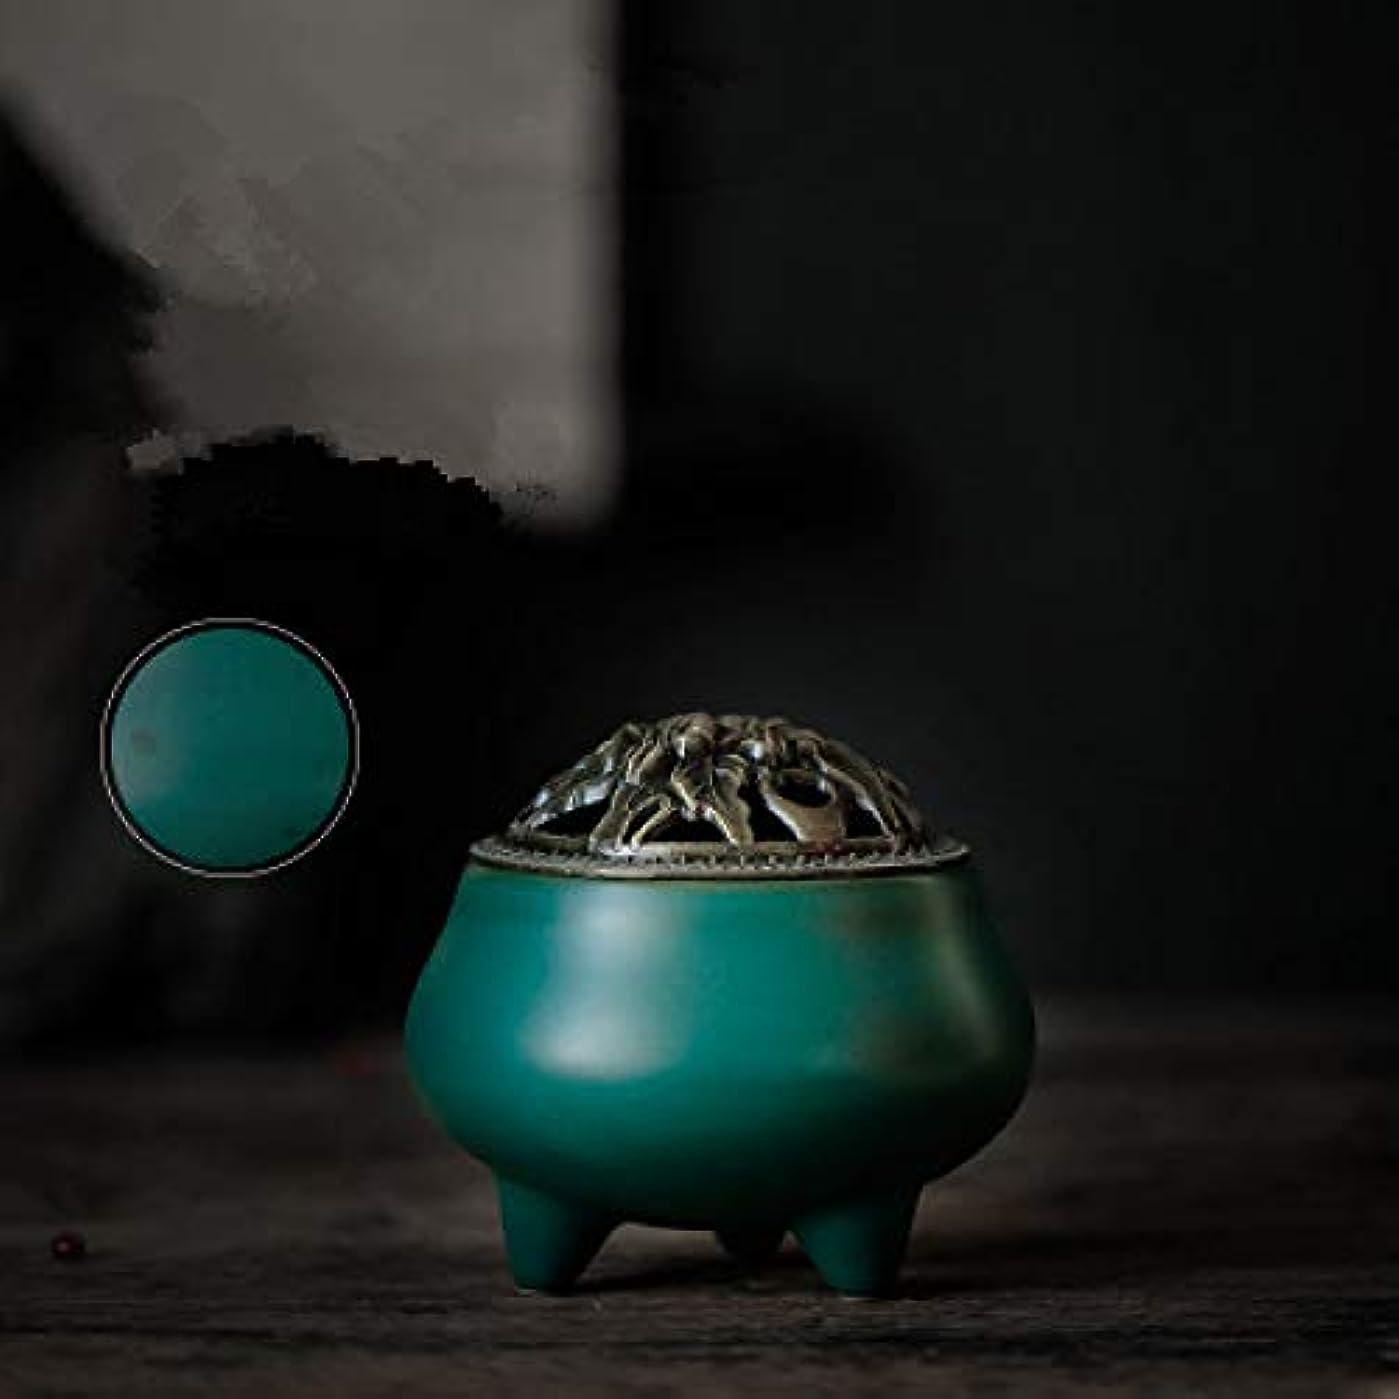 わかるベイビー創始者レトロスタイルの滝香炉逆流香炉バーナーポットチベット金翔仏教10 * 9センチ